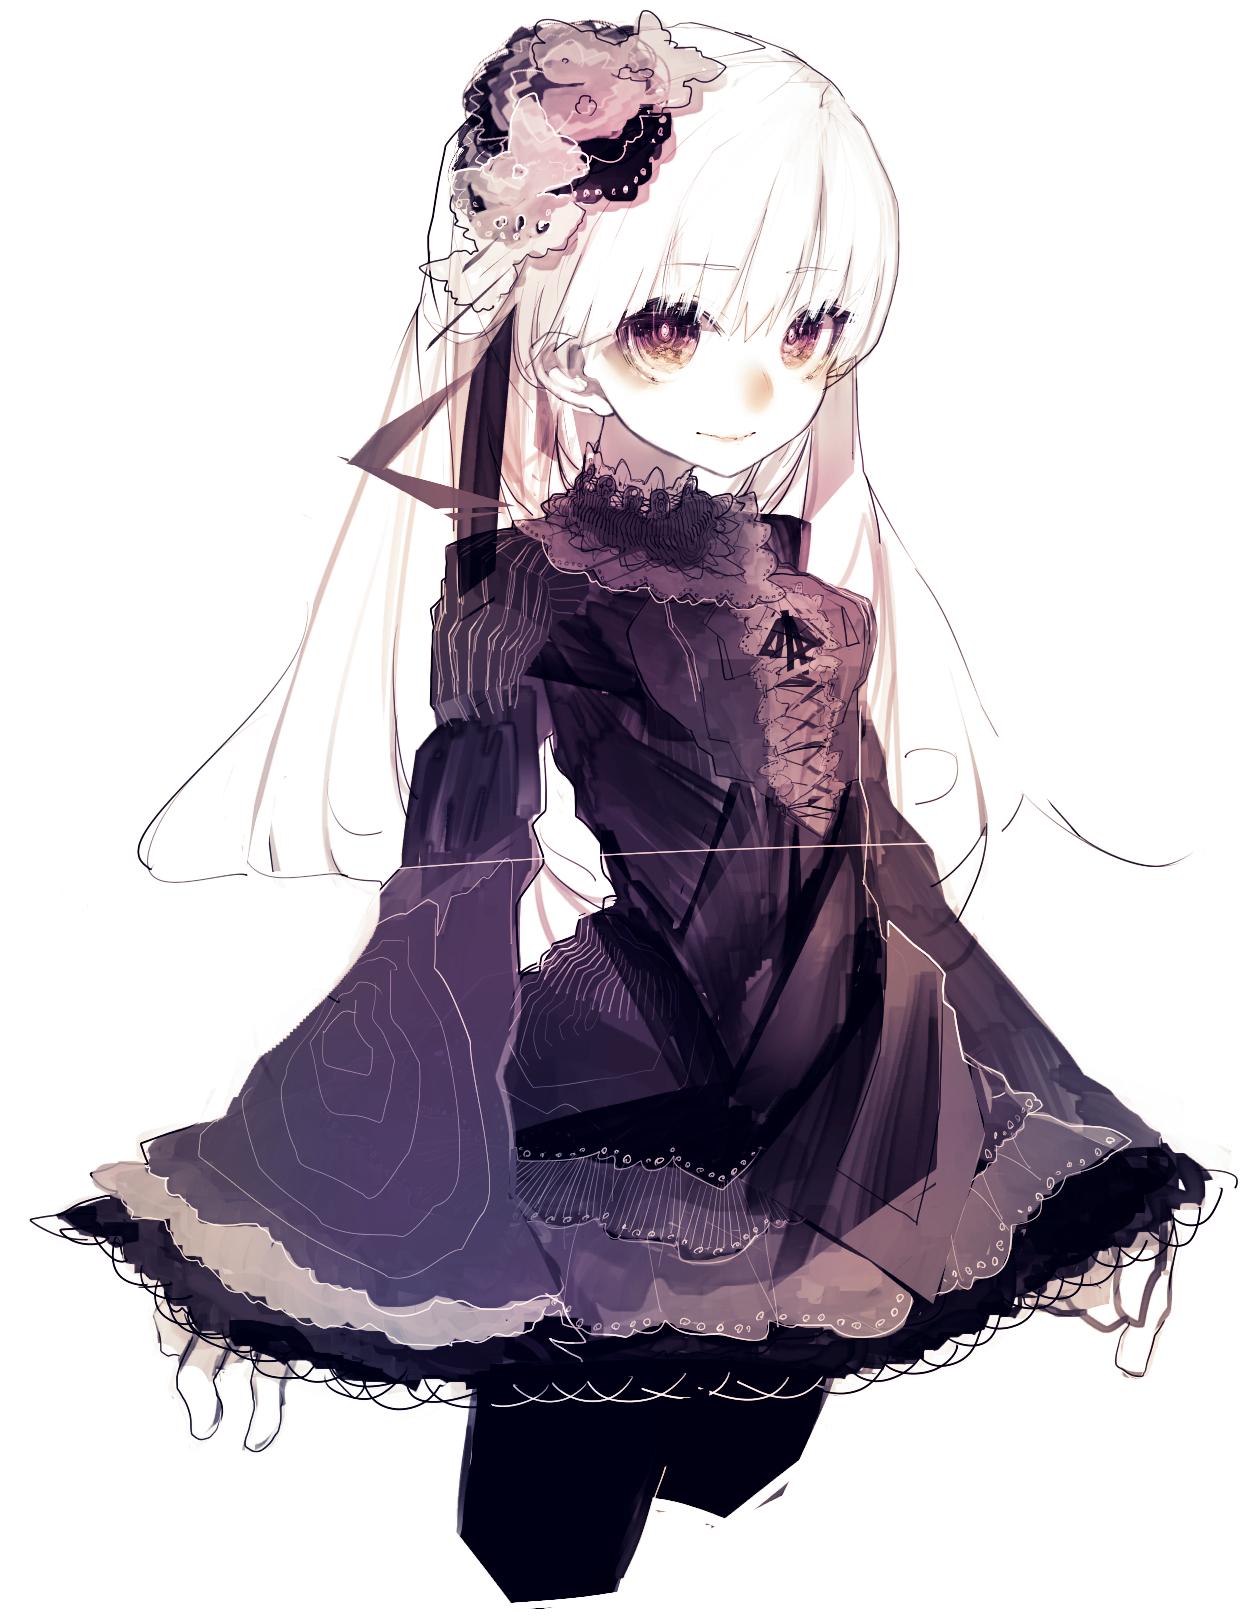 Pixiv Id 3004637 Image 1936943 Zerochan Anime Image Board